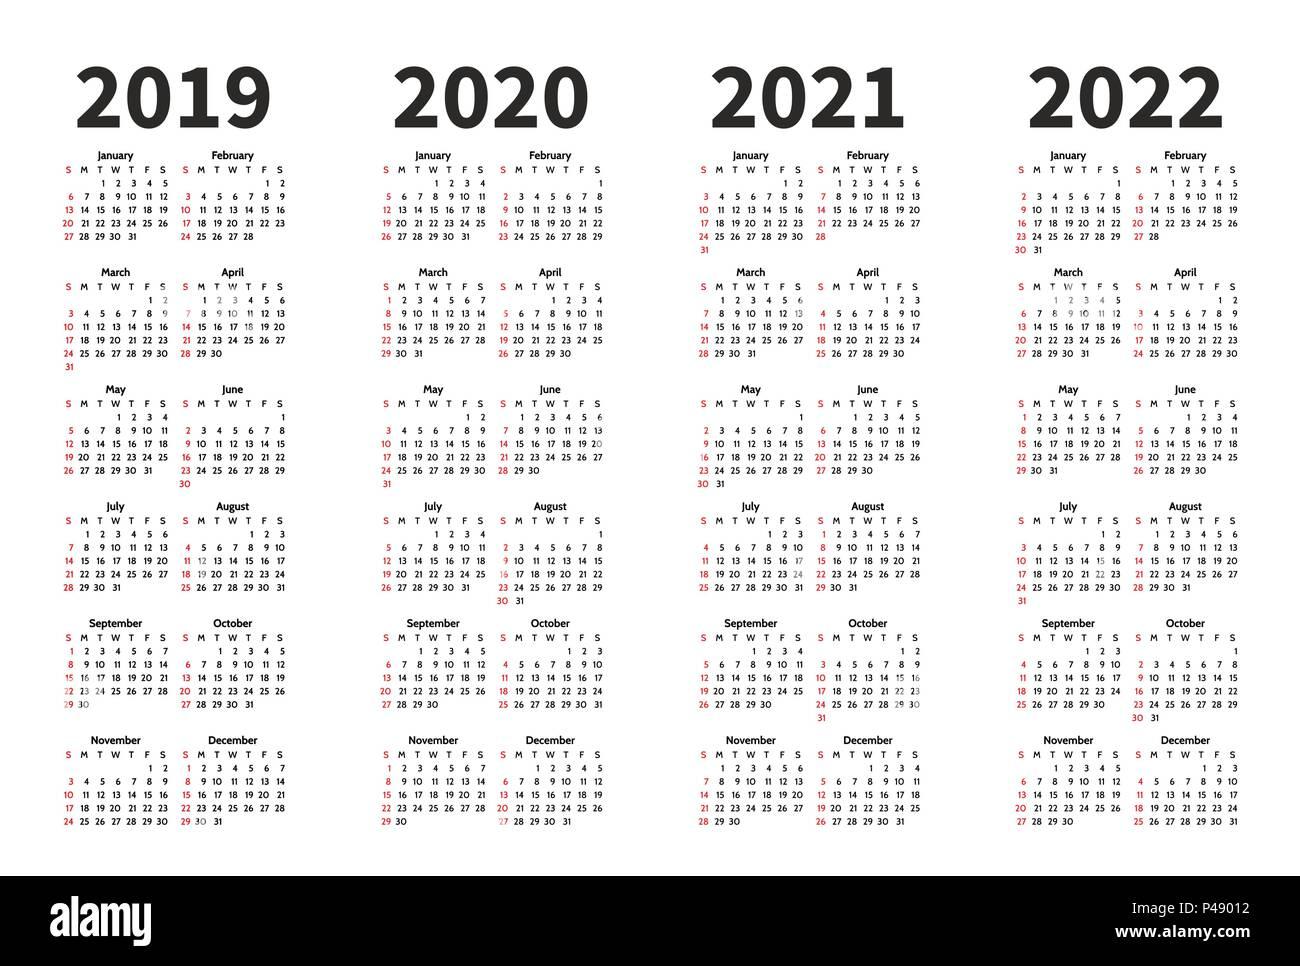 Calendrier 2019 Et 2021 Calendrier 2019, 2020, 2021 et 2022 année modèle de conception de